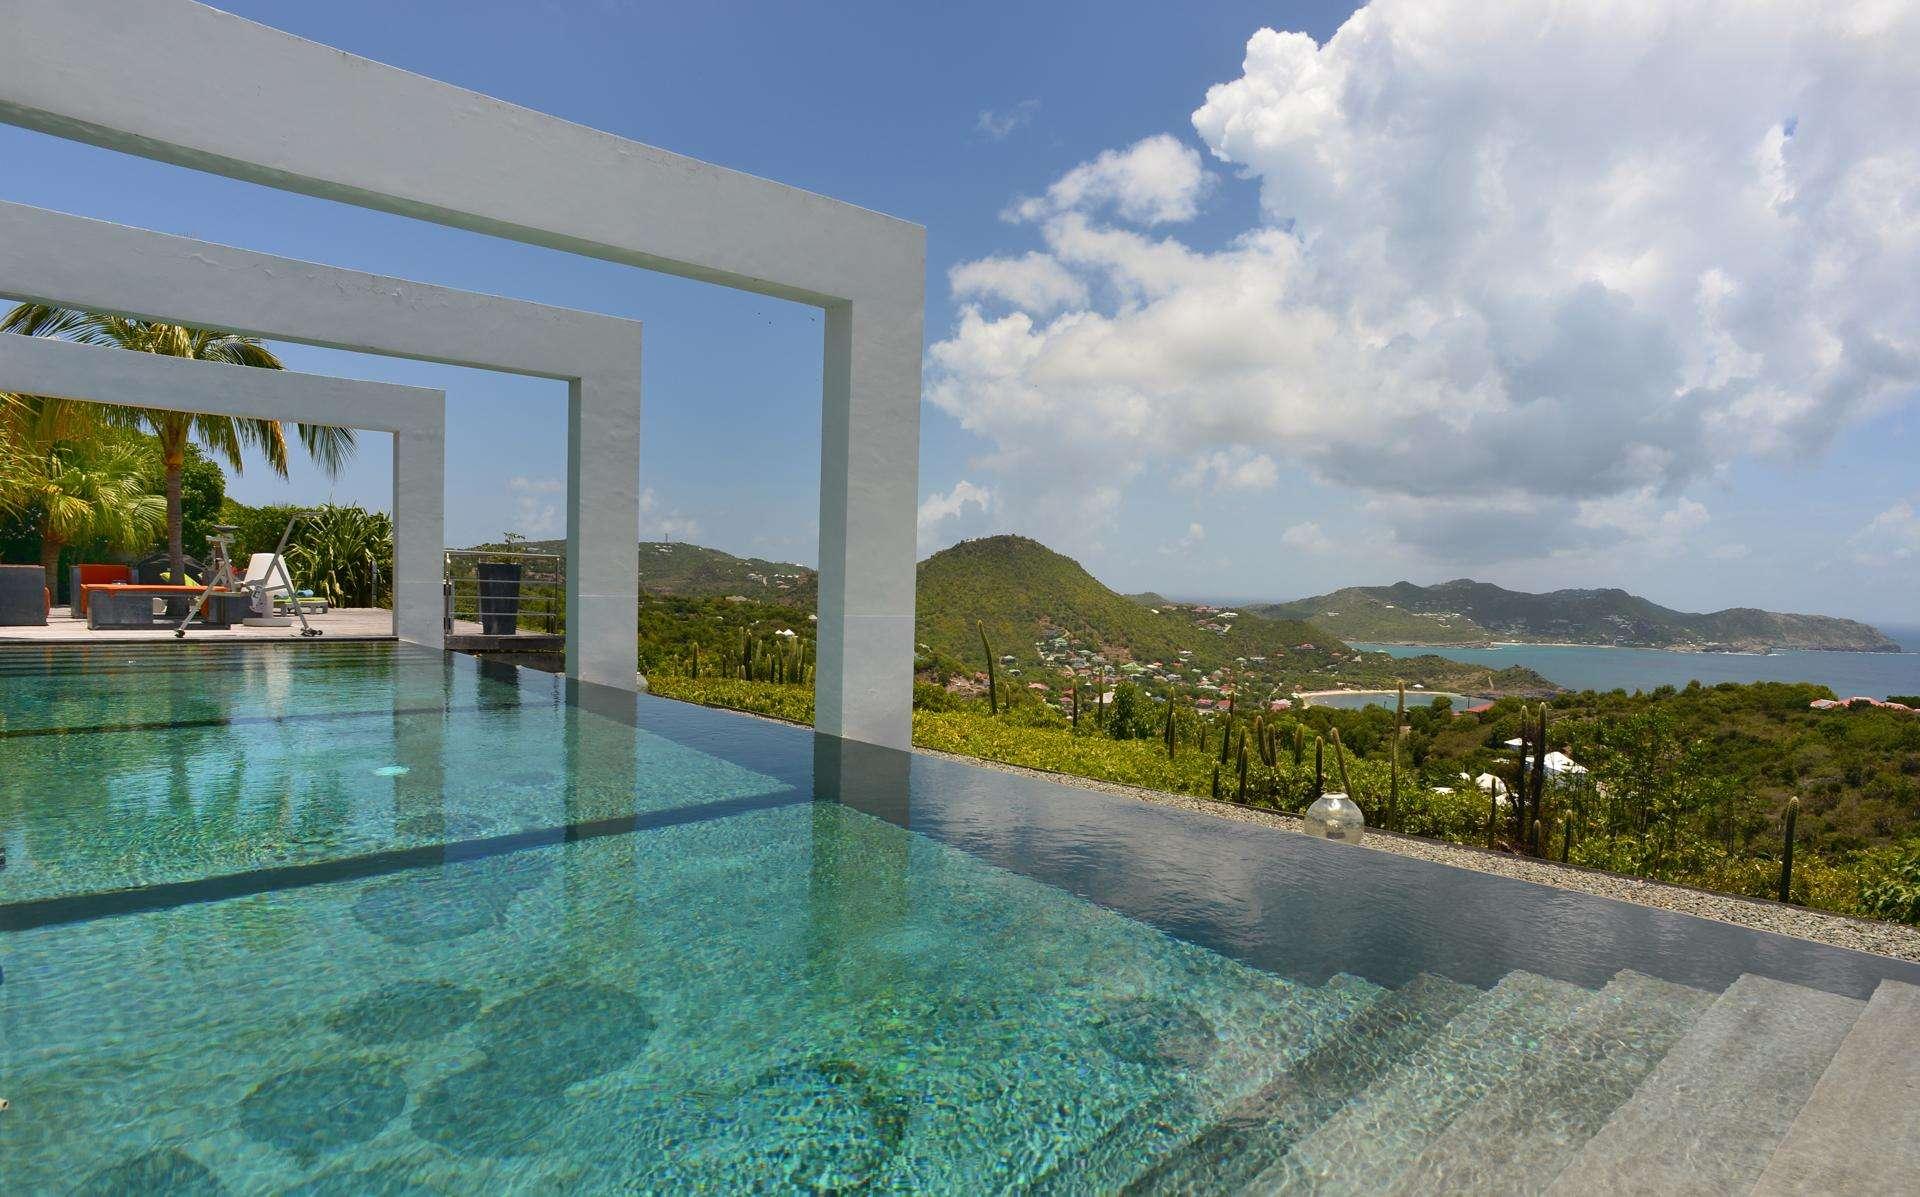 Luxury villa rentals caribbean - St barthelemy - Camaruche - Agave - Image 1/35